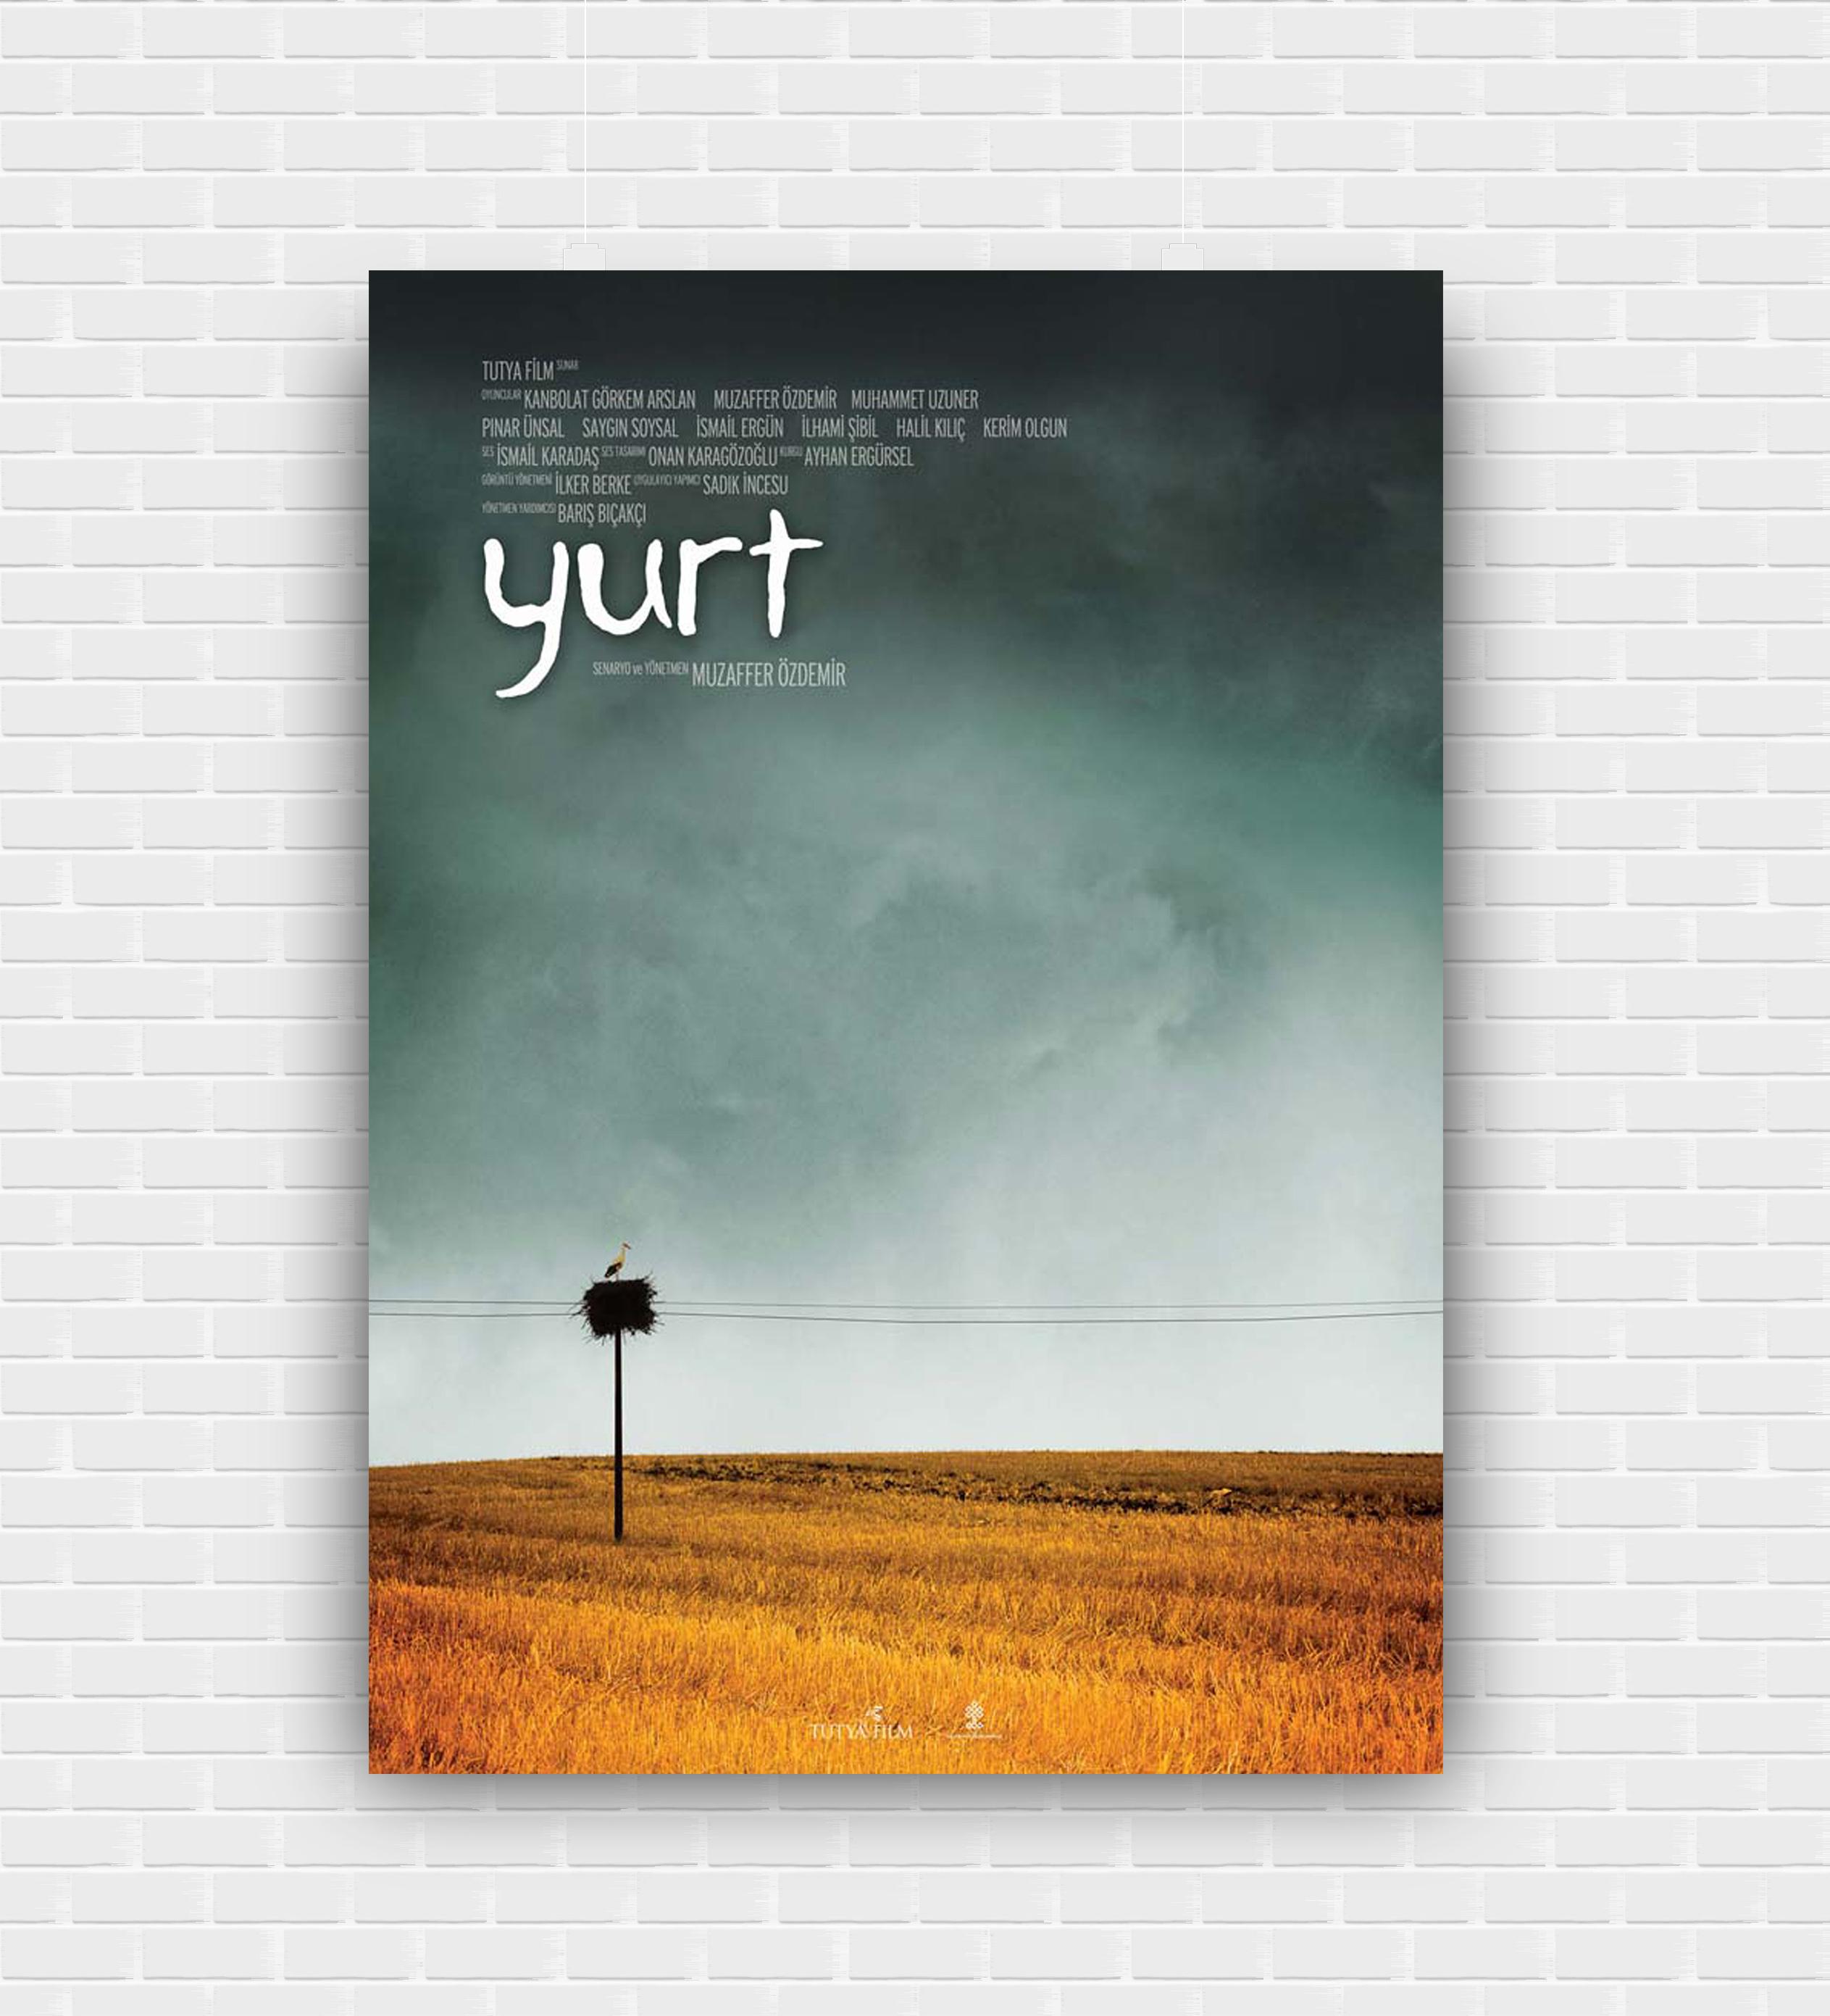 yurt poster